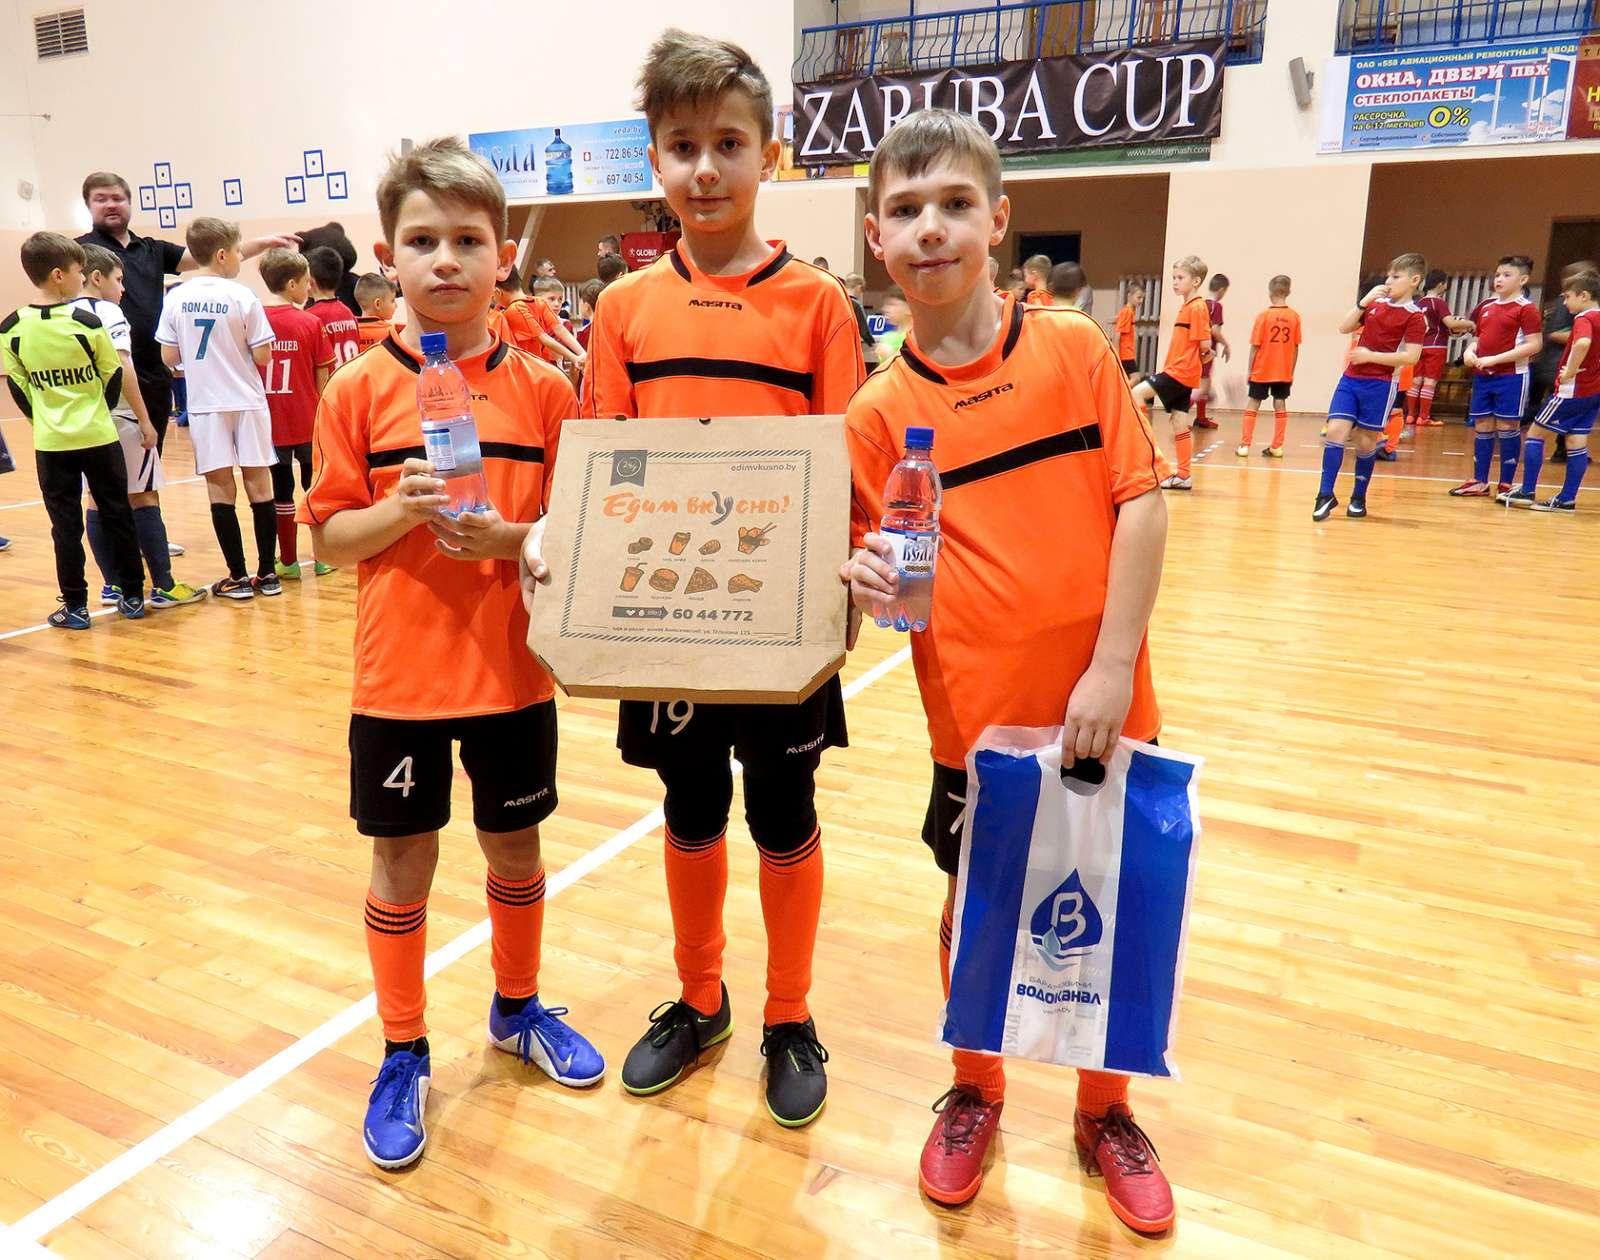 Роман Дощечко, Дмитрий Марон, Роман Логвинович – победители командного конкурса по технике работы с мячом.